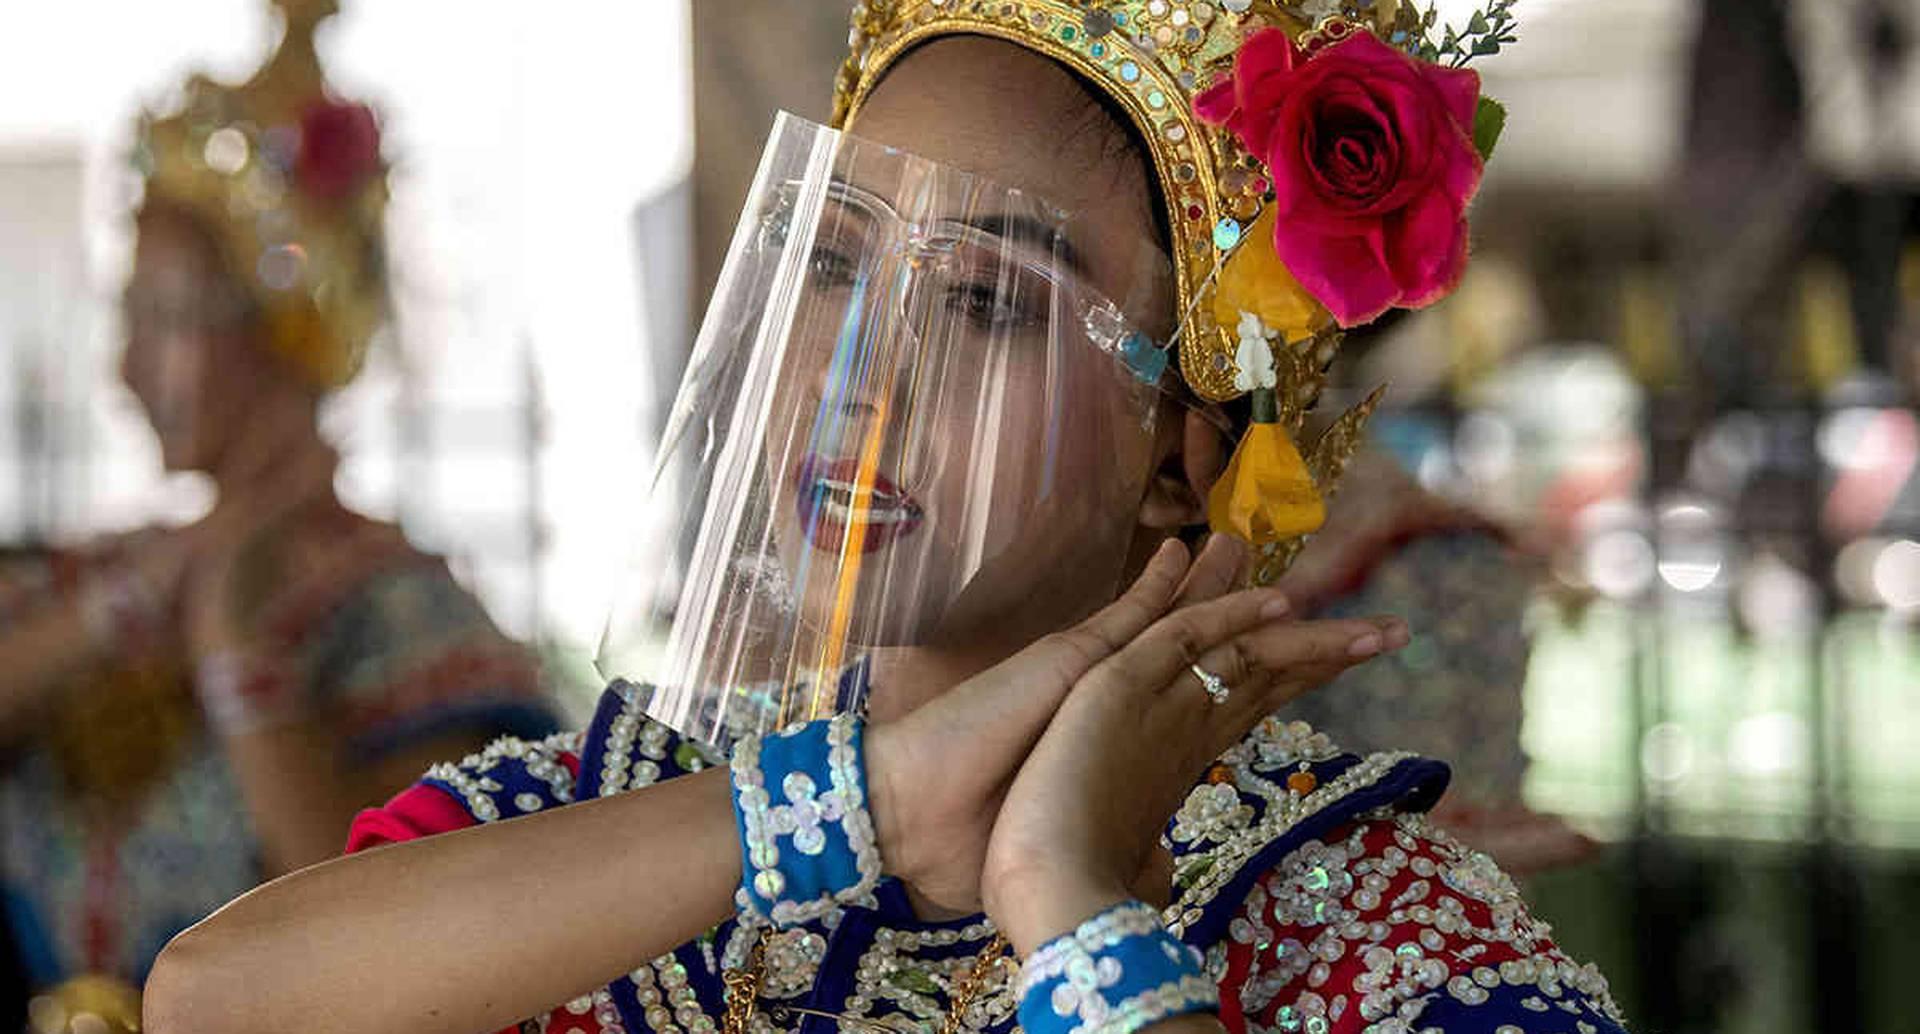 Esta bailarina clásica tailandesa actúa en el santuario de Erawan, en Bangkok, Tailandia. Imagen del 28 de mayo. El gobierno tailandés continúa reduciendo las restricciones impuestas en la capital y otros lugares para combatir la propagación del coronavirus. Foto: Sakchai Lalit/ AP